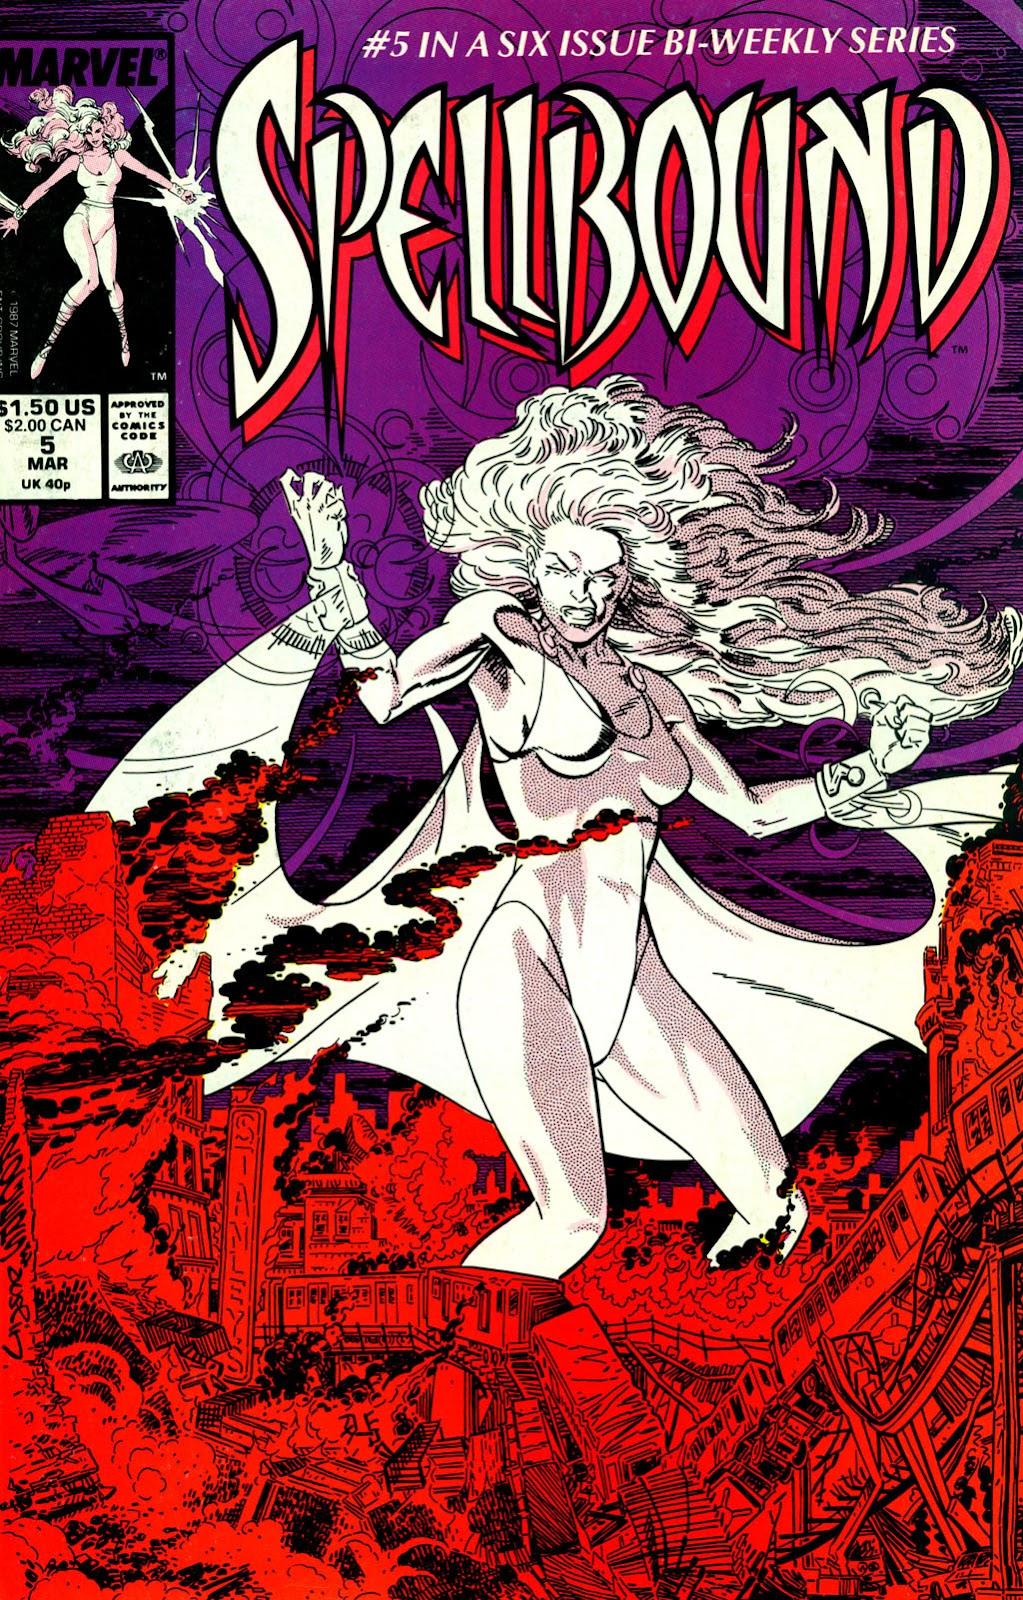 Spellbound (1988) issue 5 - Page 1